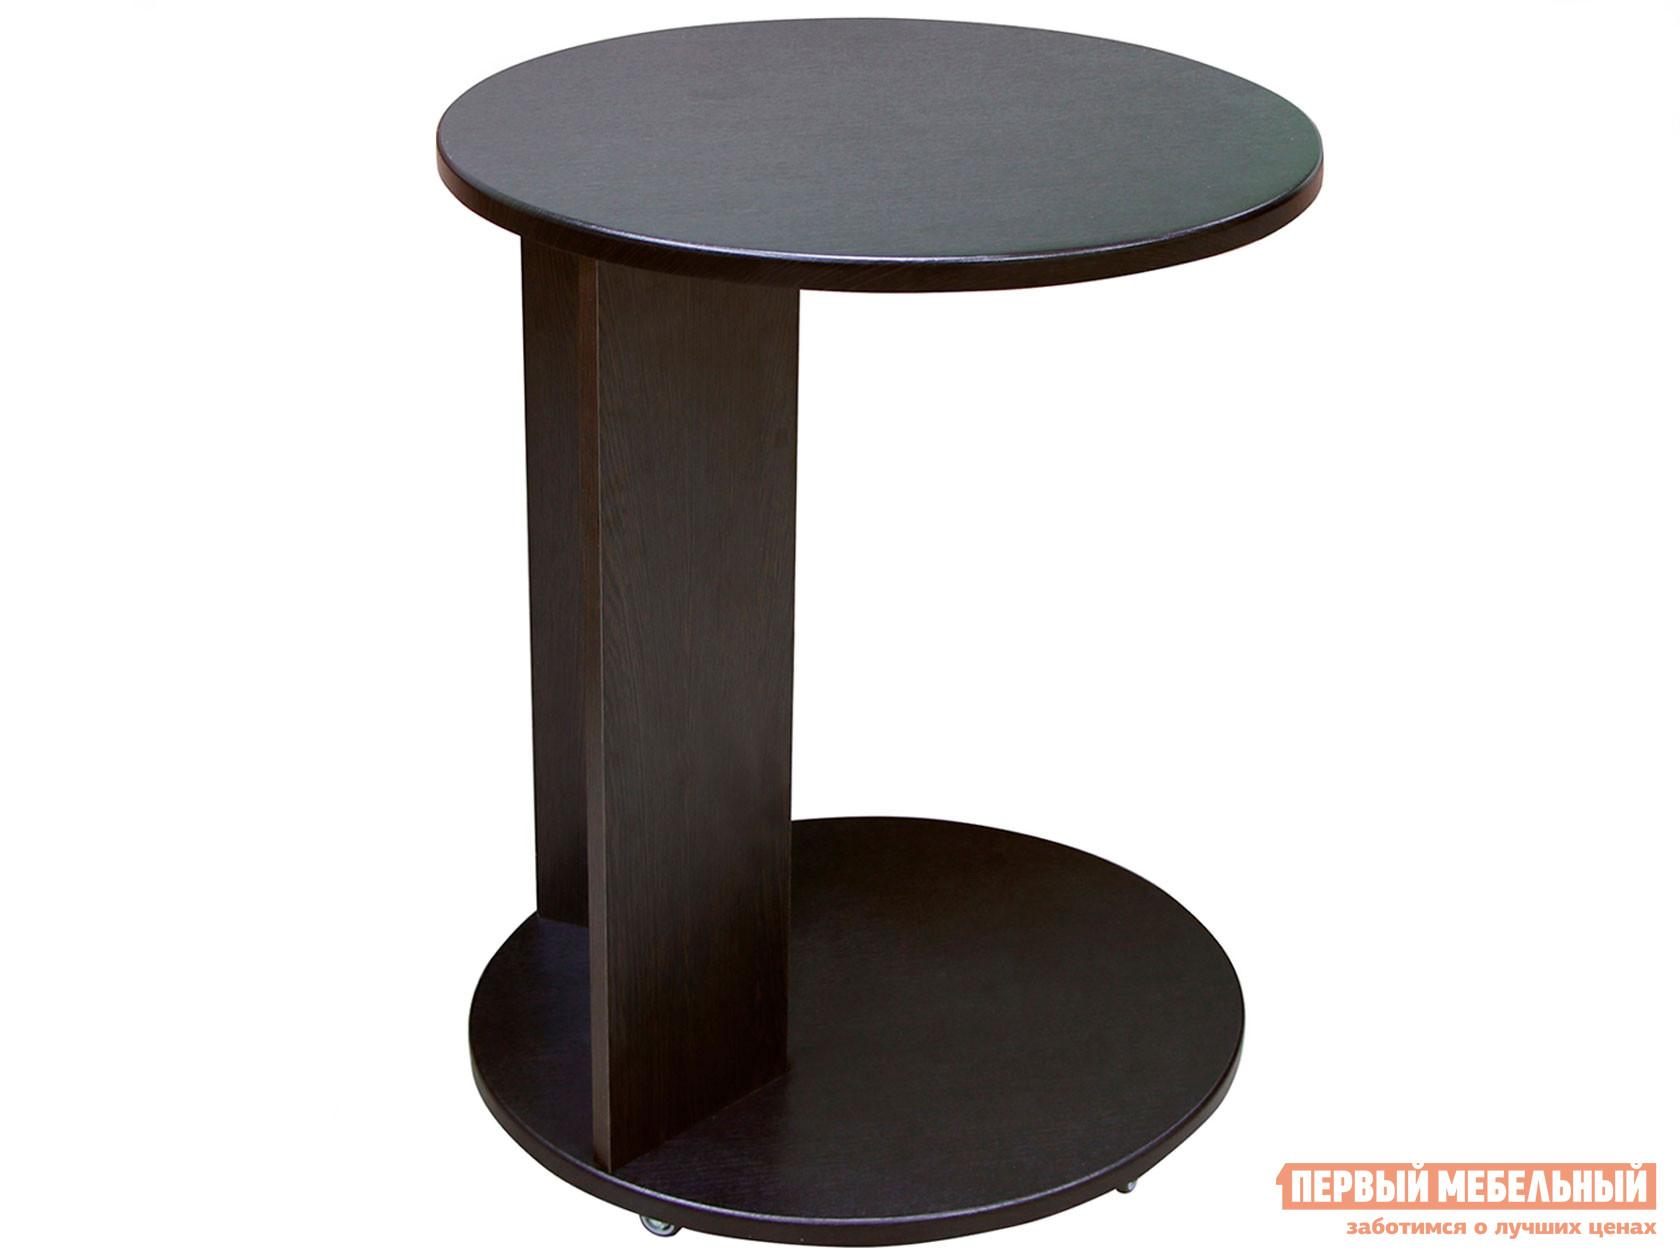 Приставной столик Первый Мебельный Столик приставной Классик